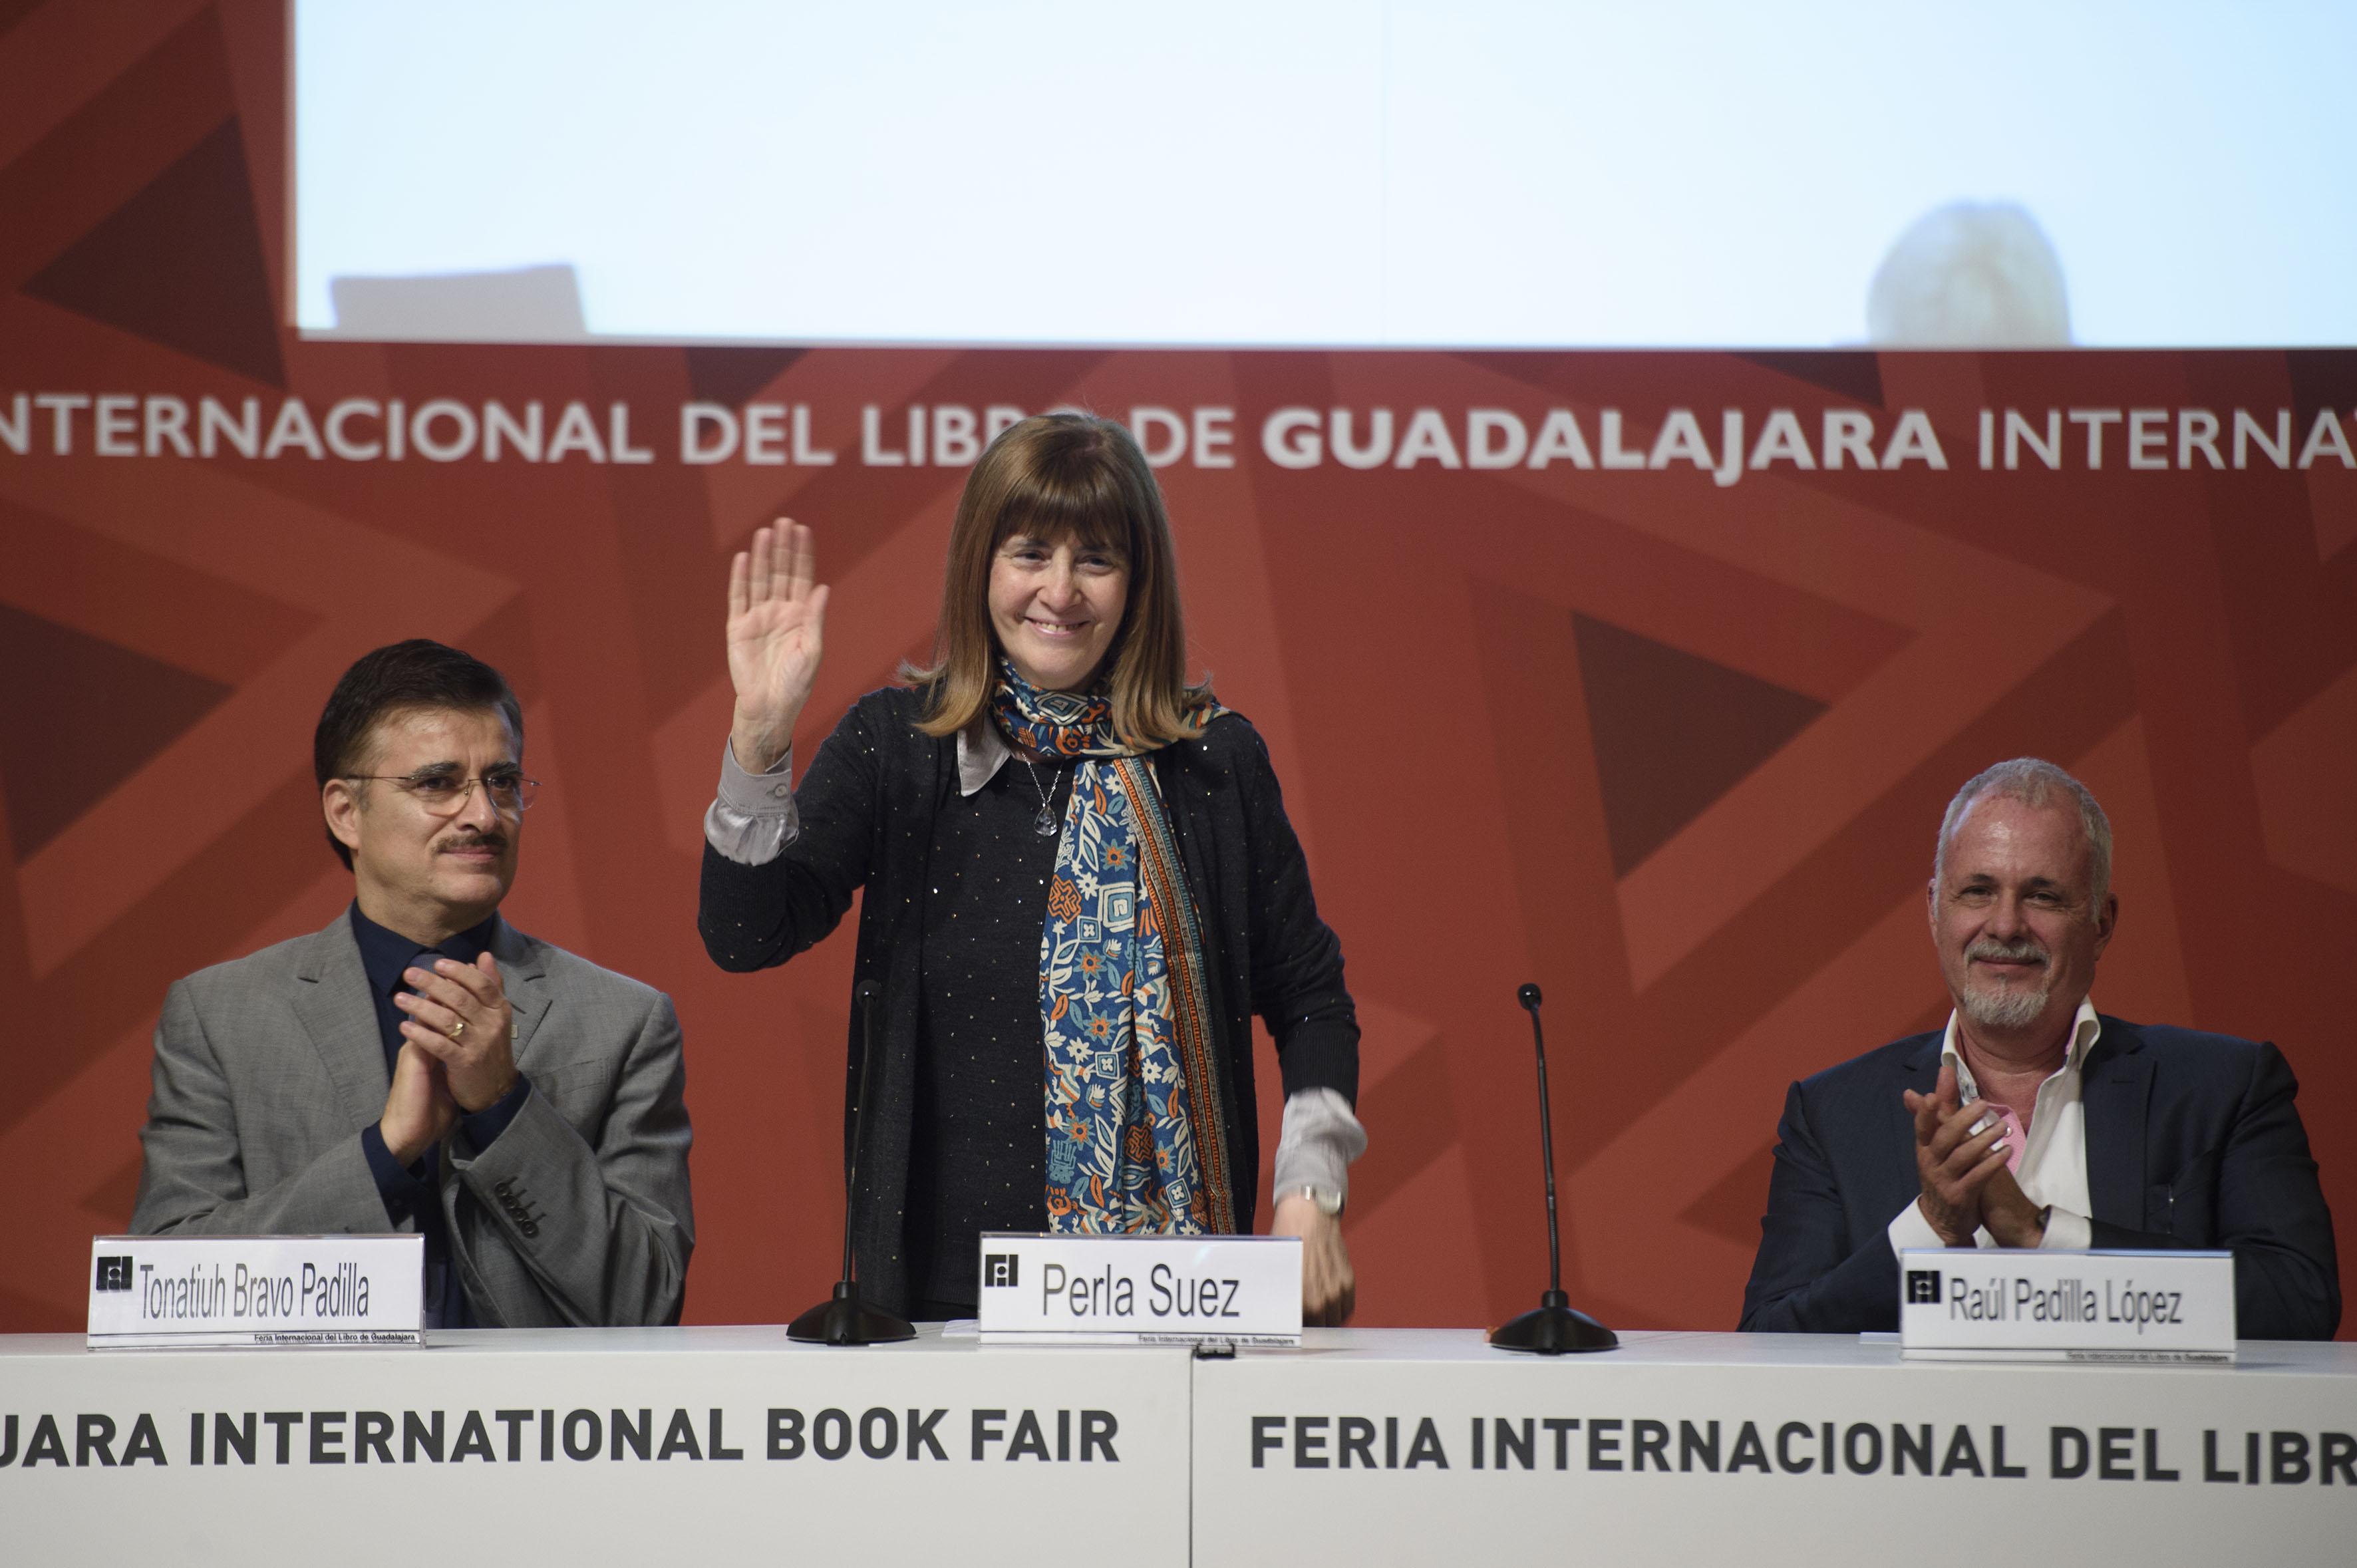 Lic. en Letras Modernas, fundadora y directora del Centro de Difusión e Investigación de Literatura Infantil y Juvenil Perla Suez